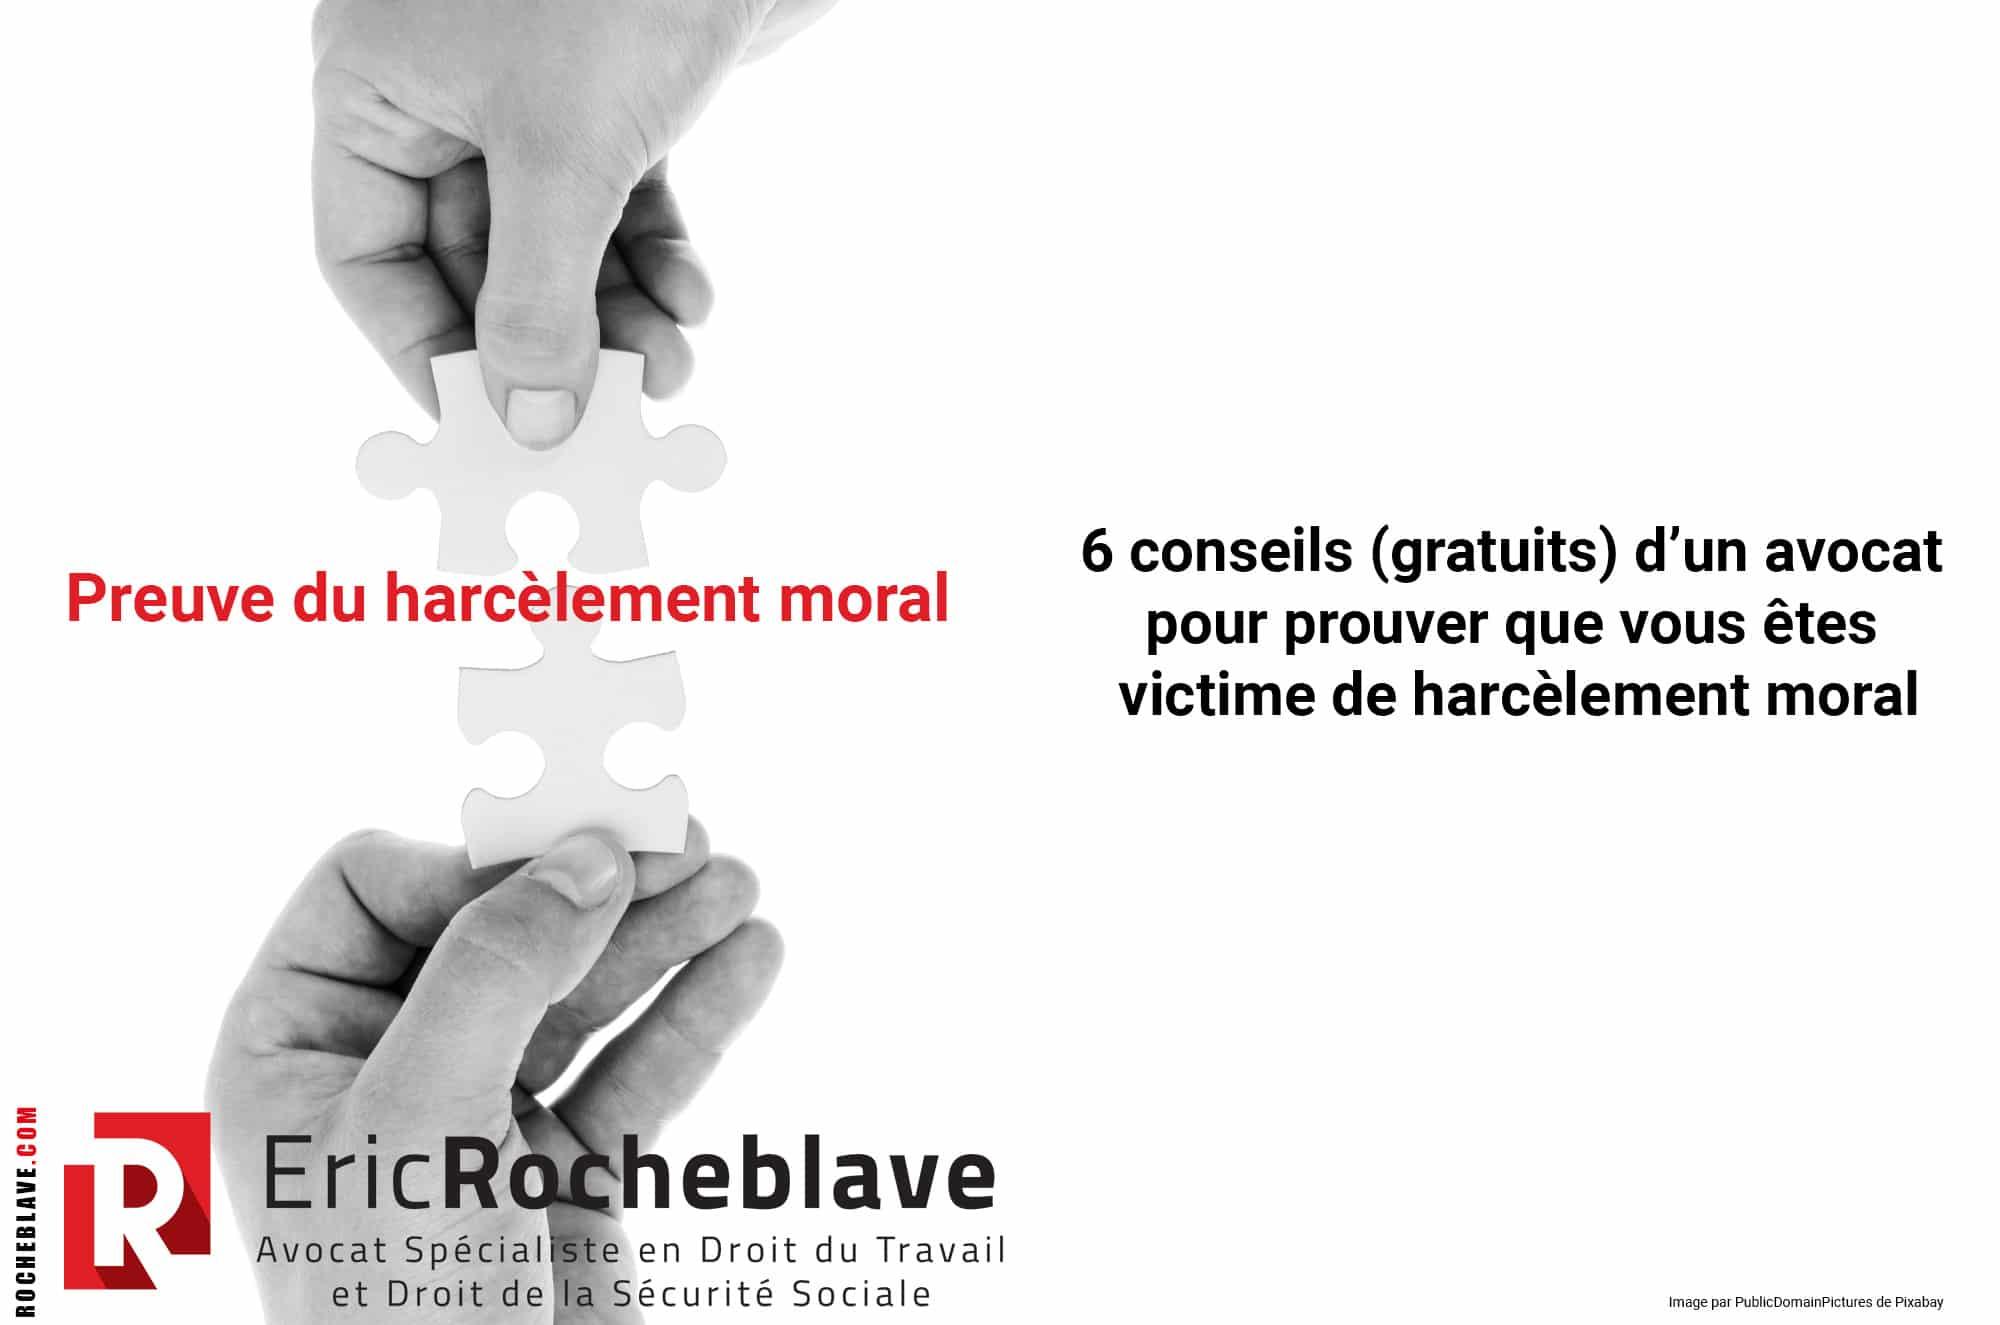 Preuve du harcèlement moral